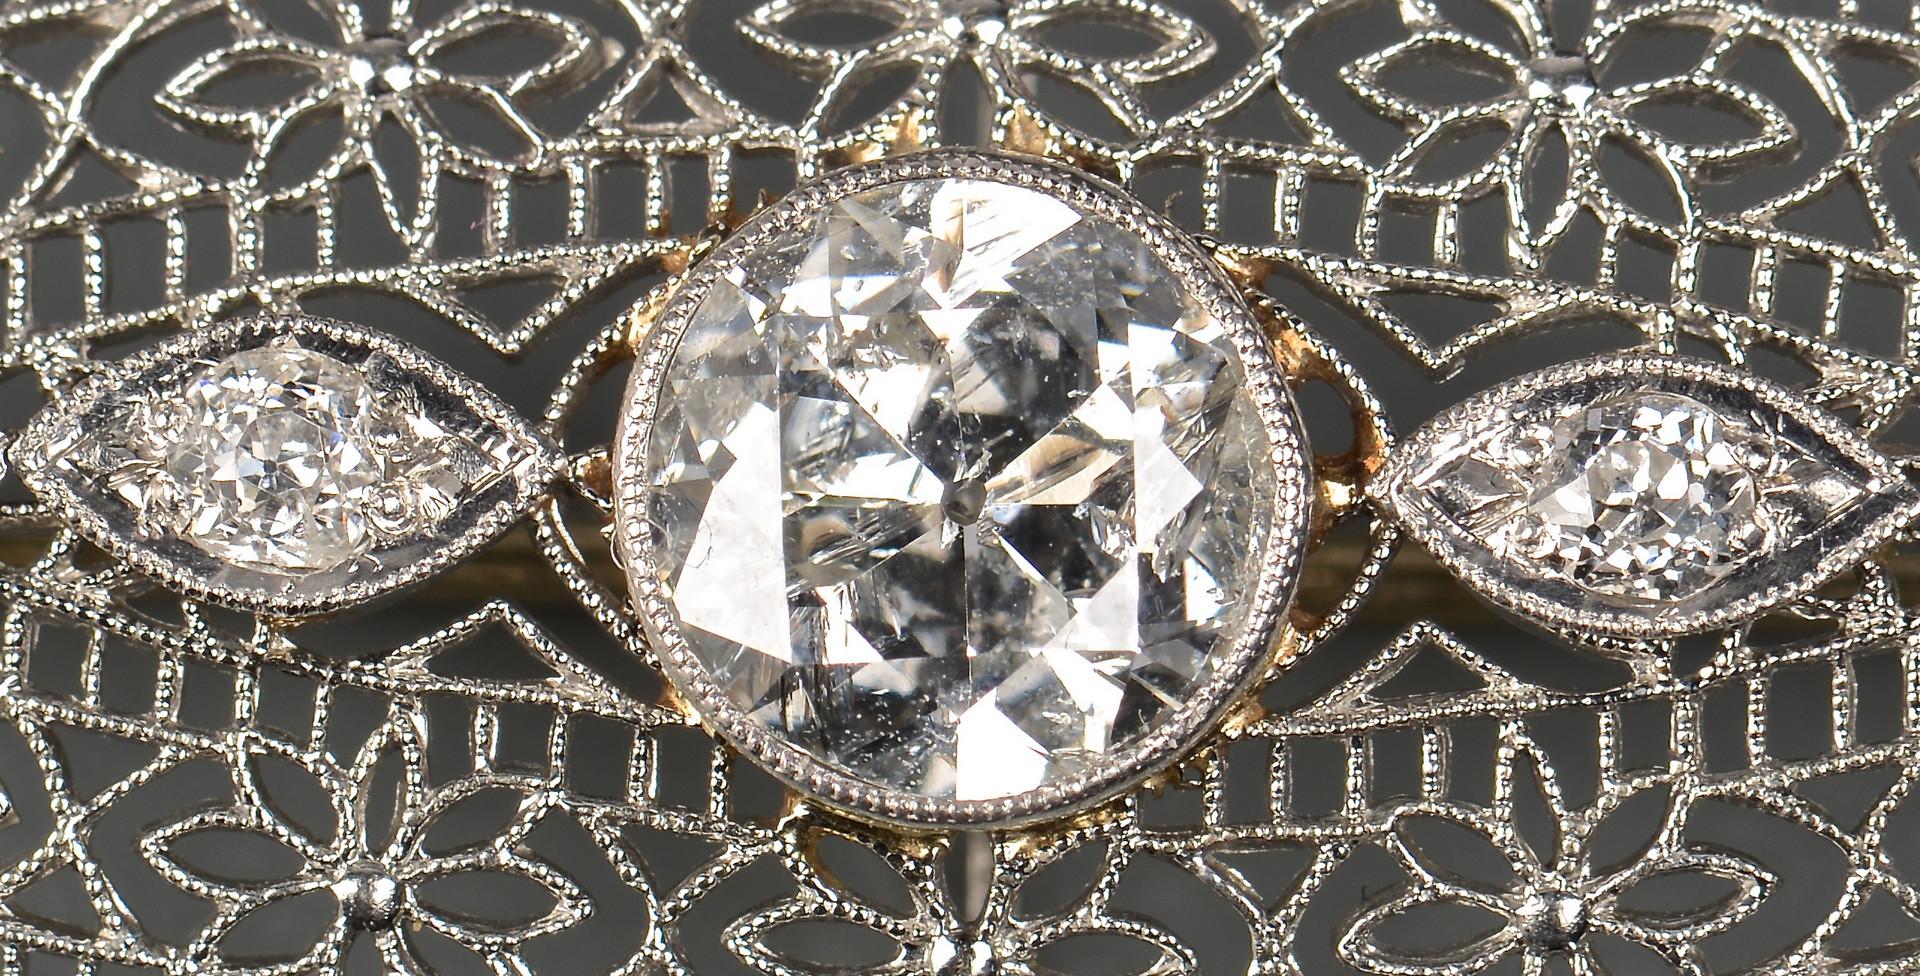 Lot 51: 2 Vintage 14K Diamond Pins